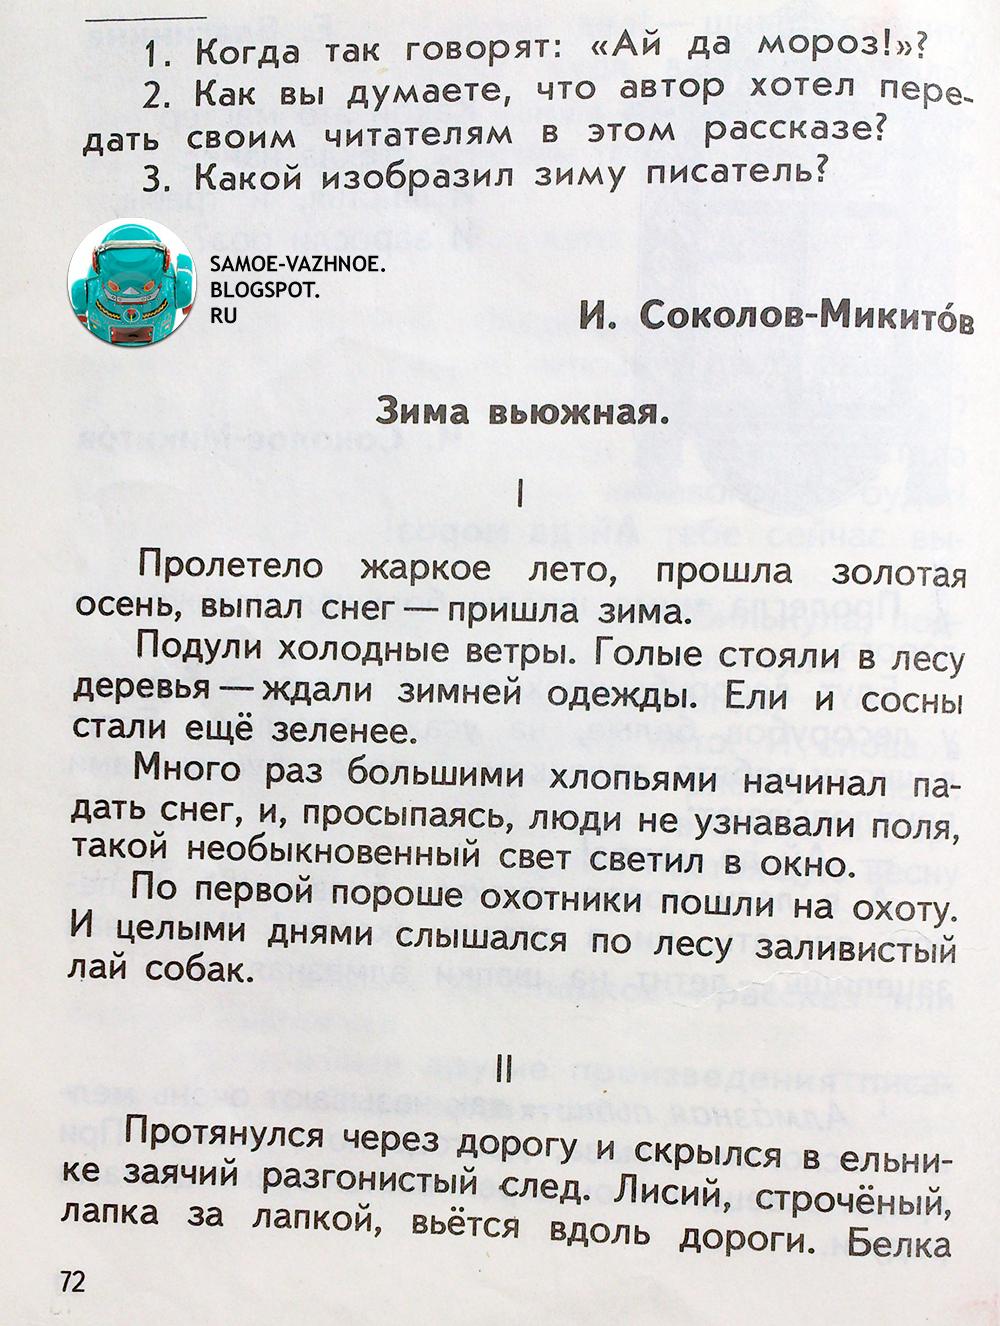 Соколов-Микитов Зима вьюжная